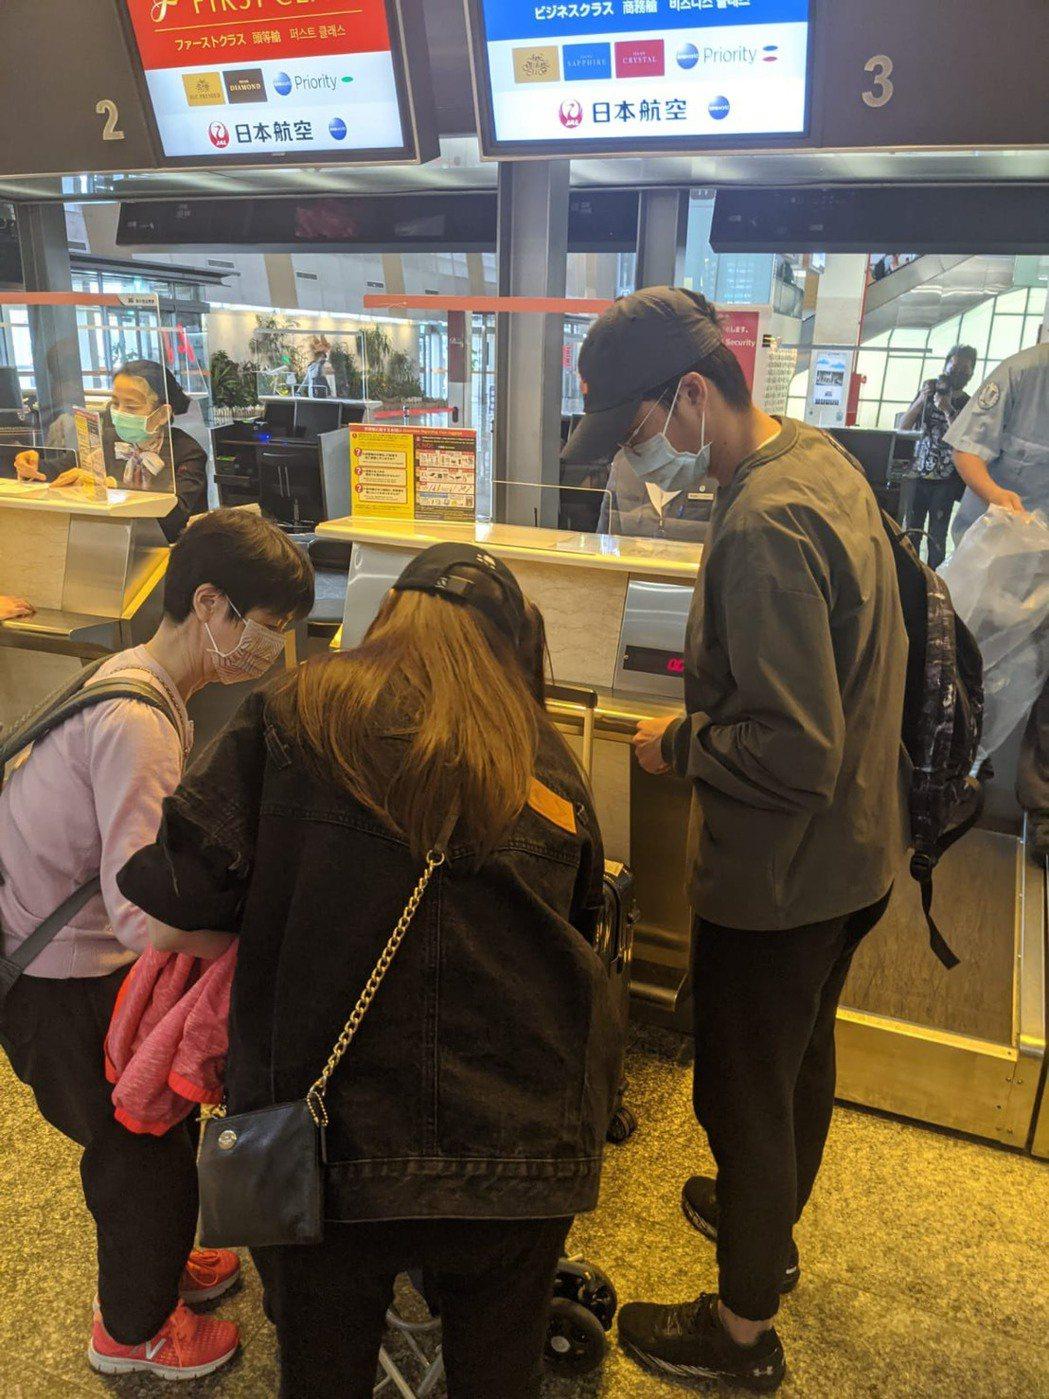 福原千代(左)今現身松山機場搭機返日,右為女婿江宏傑。圖/讀者提供